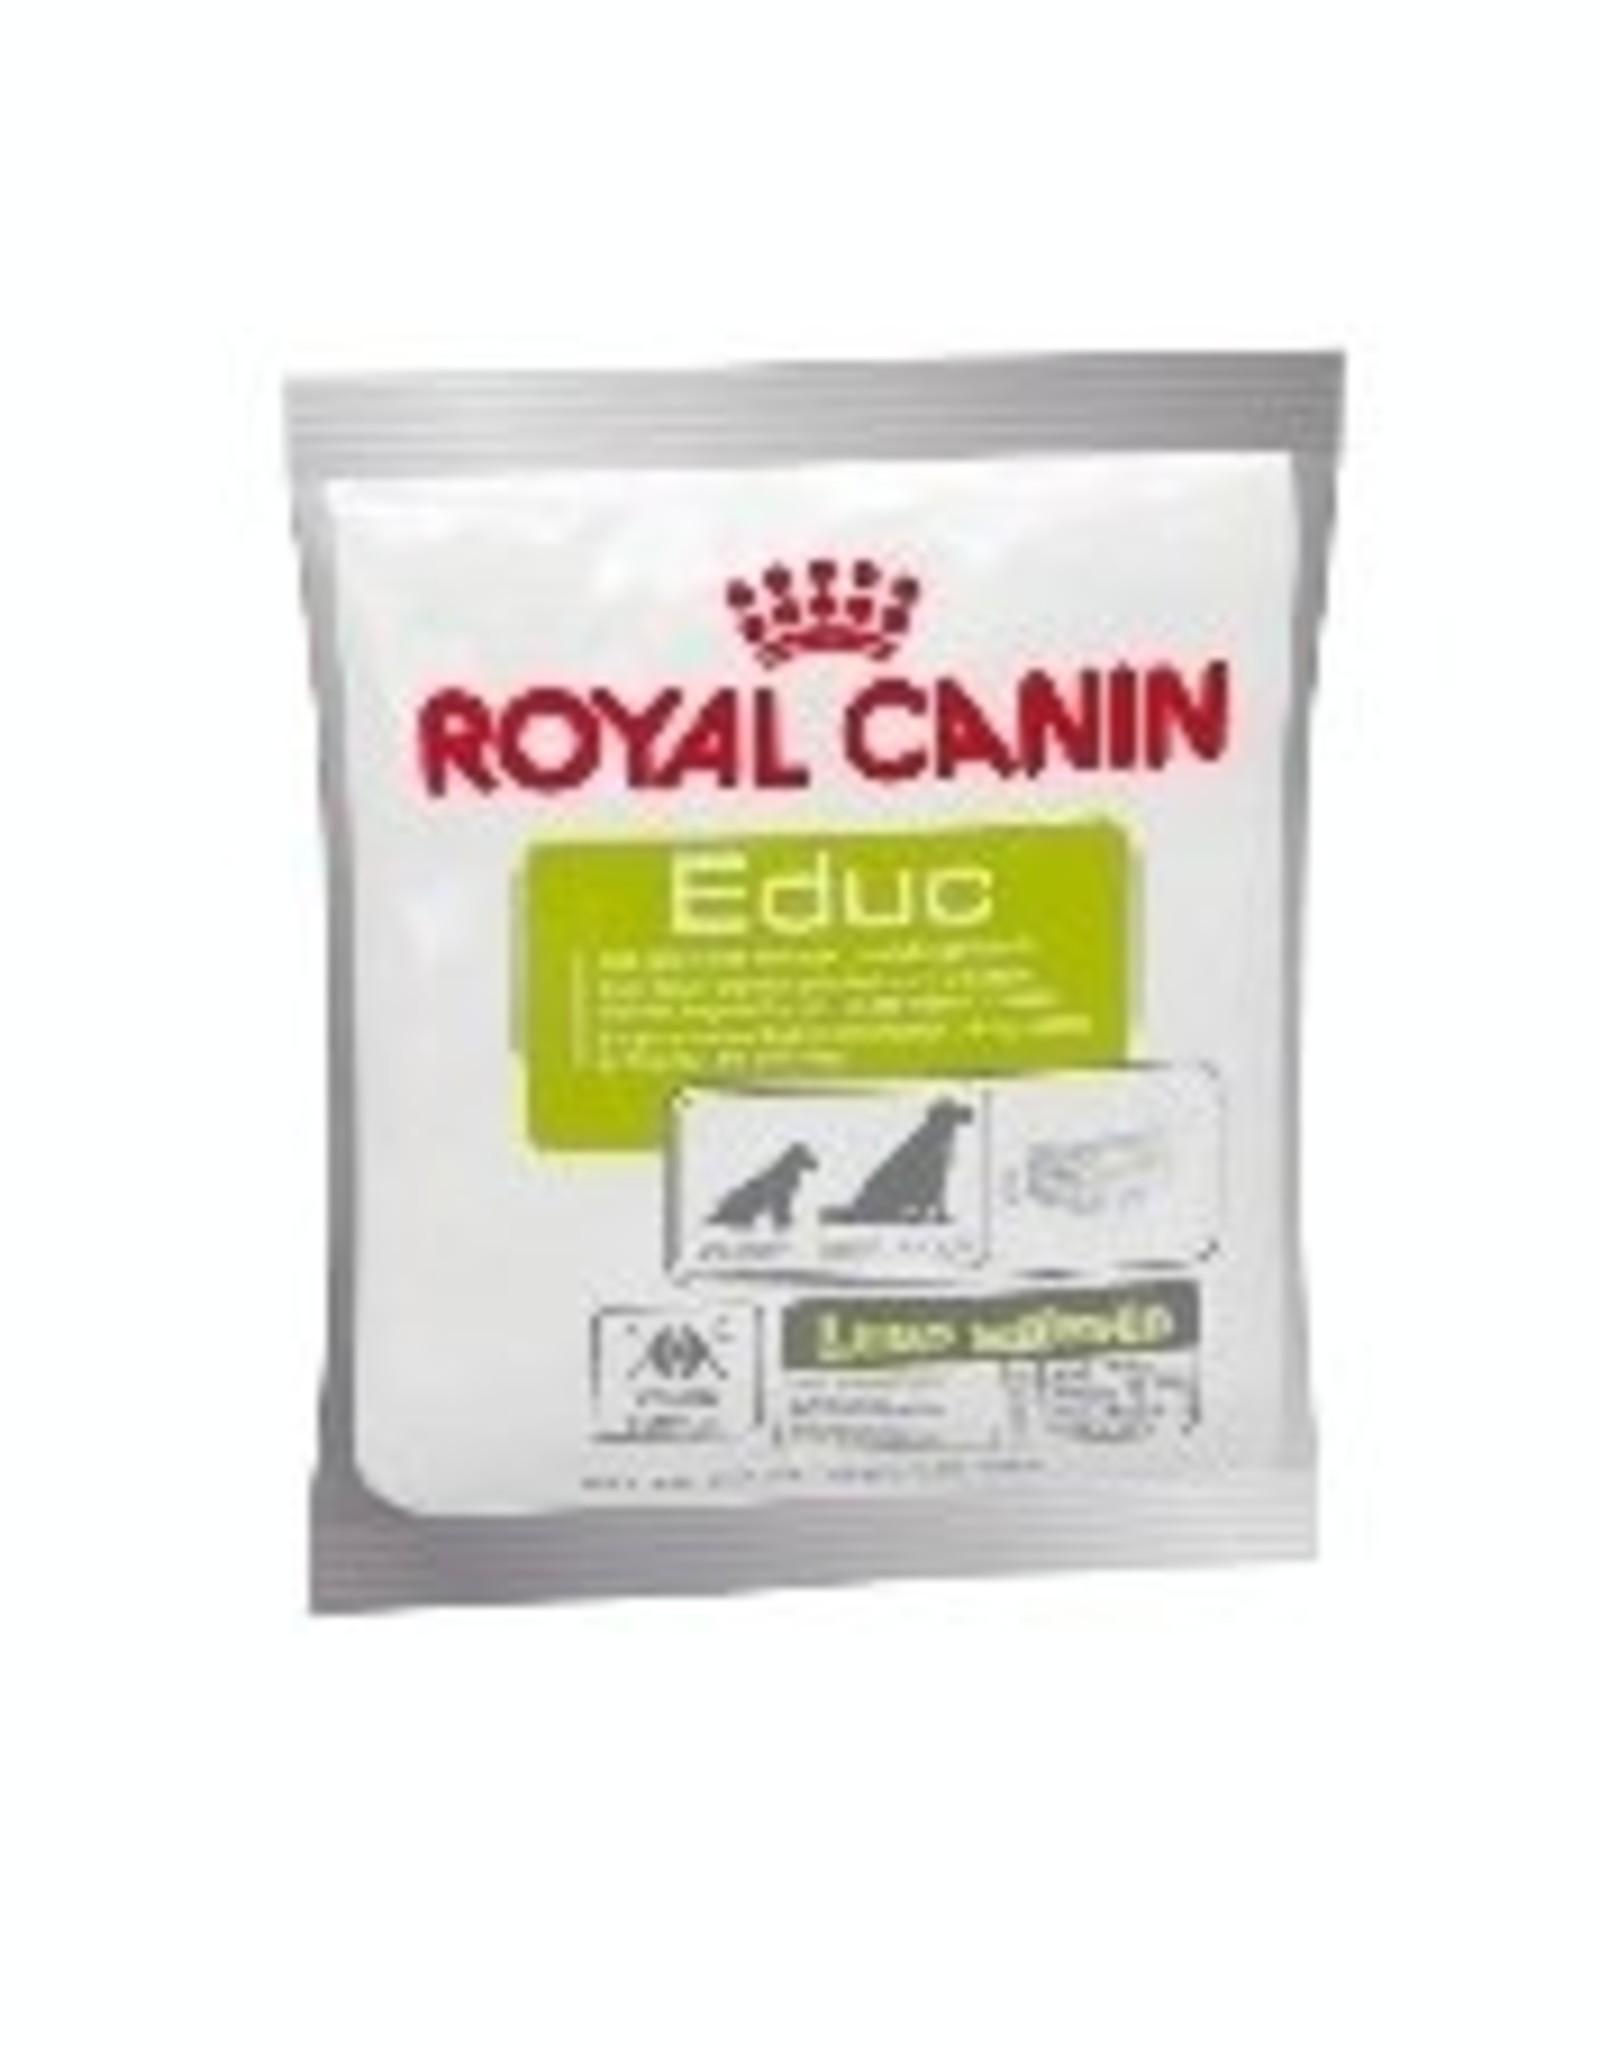 Royal Canin Royal Canin Educ Hond 30x50gr